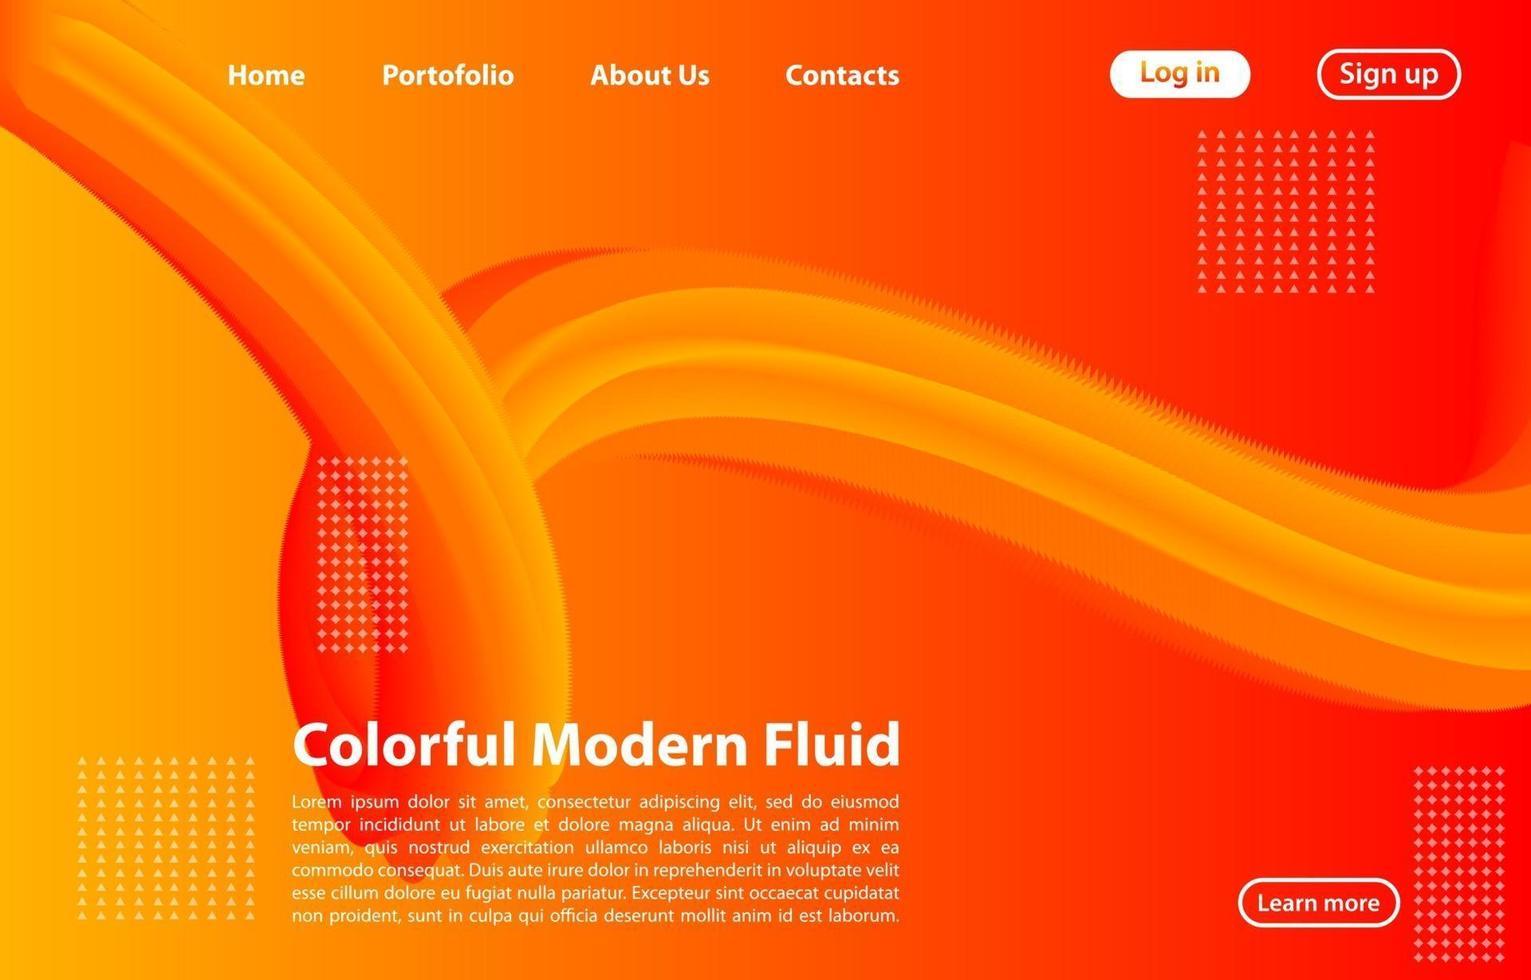 Abstrakte flüssige Form 3d mit gradient.landing Seitenkonzept in der orange Farbe. abstrakte orange Farbe geometrische Formen Hintergrund. vektor